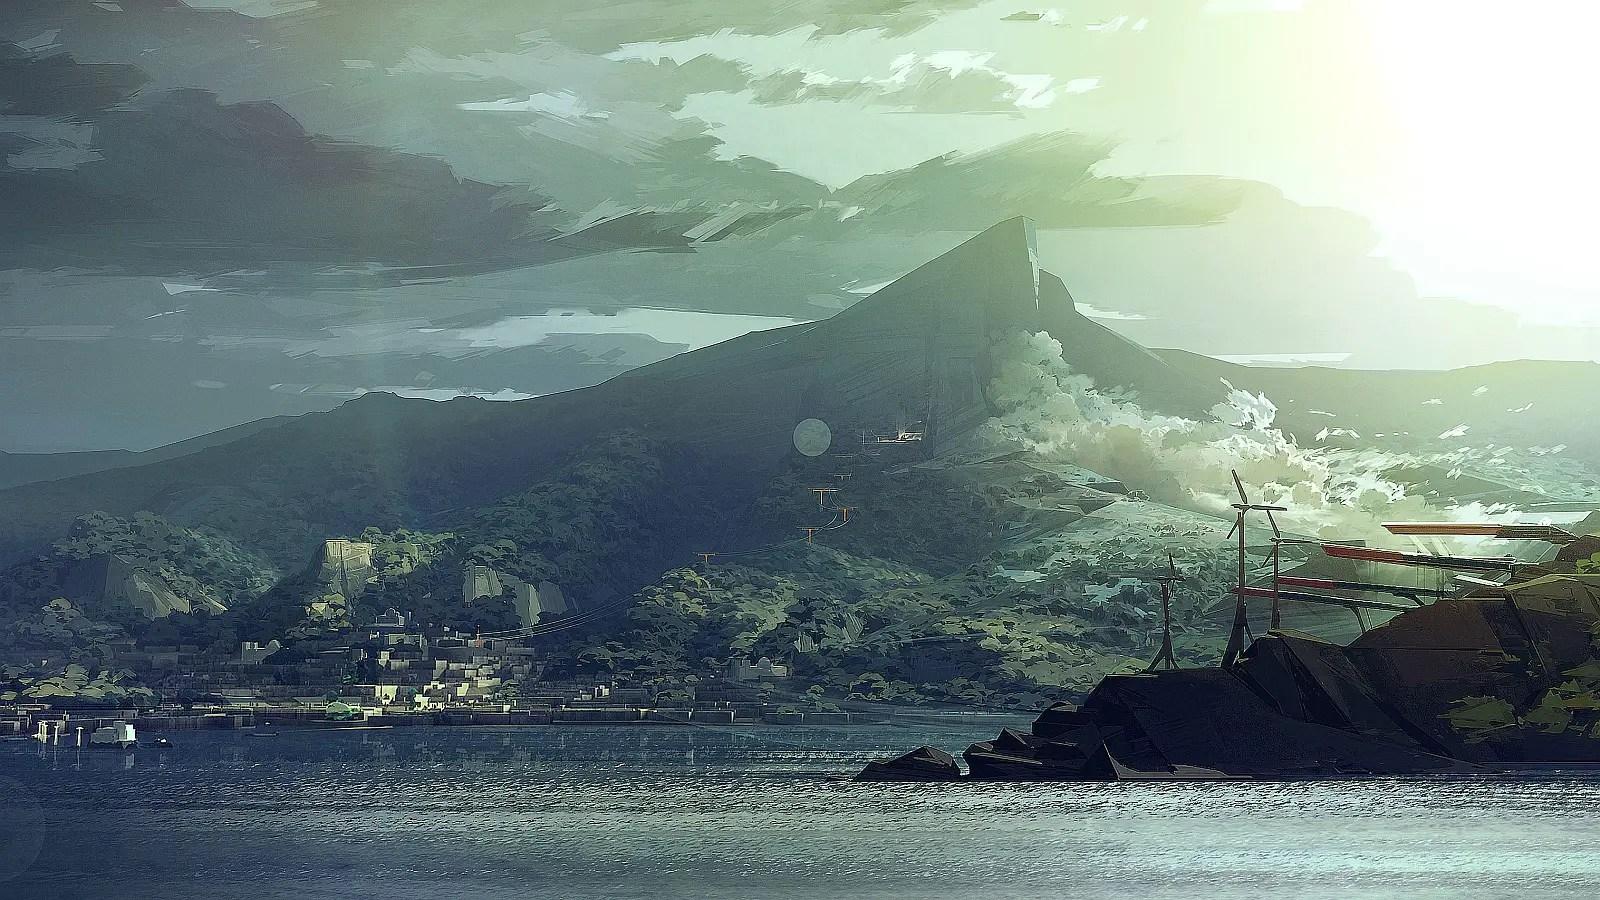 Total War Warhammer Wallpaper Hd Dishonored 2 Une Fourn 233 E De Screenshots Et D Artworks